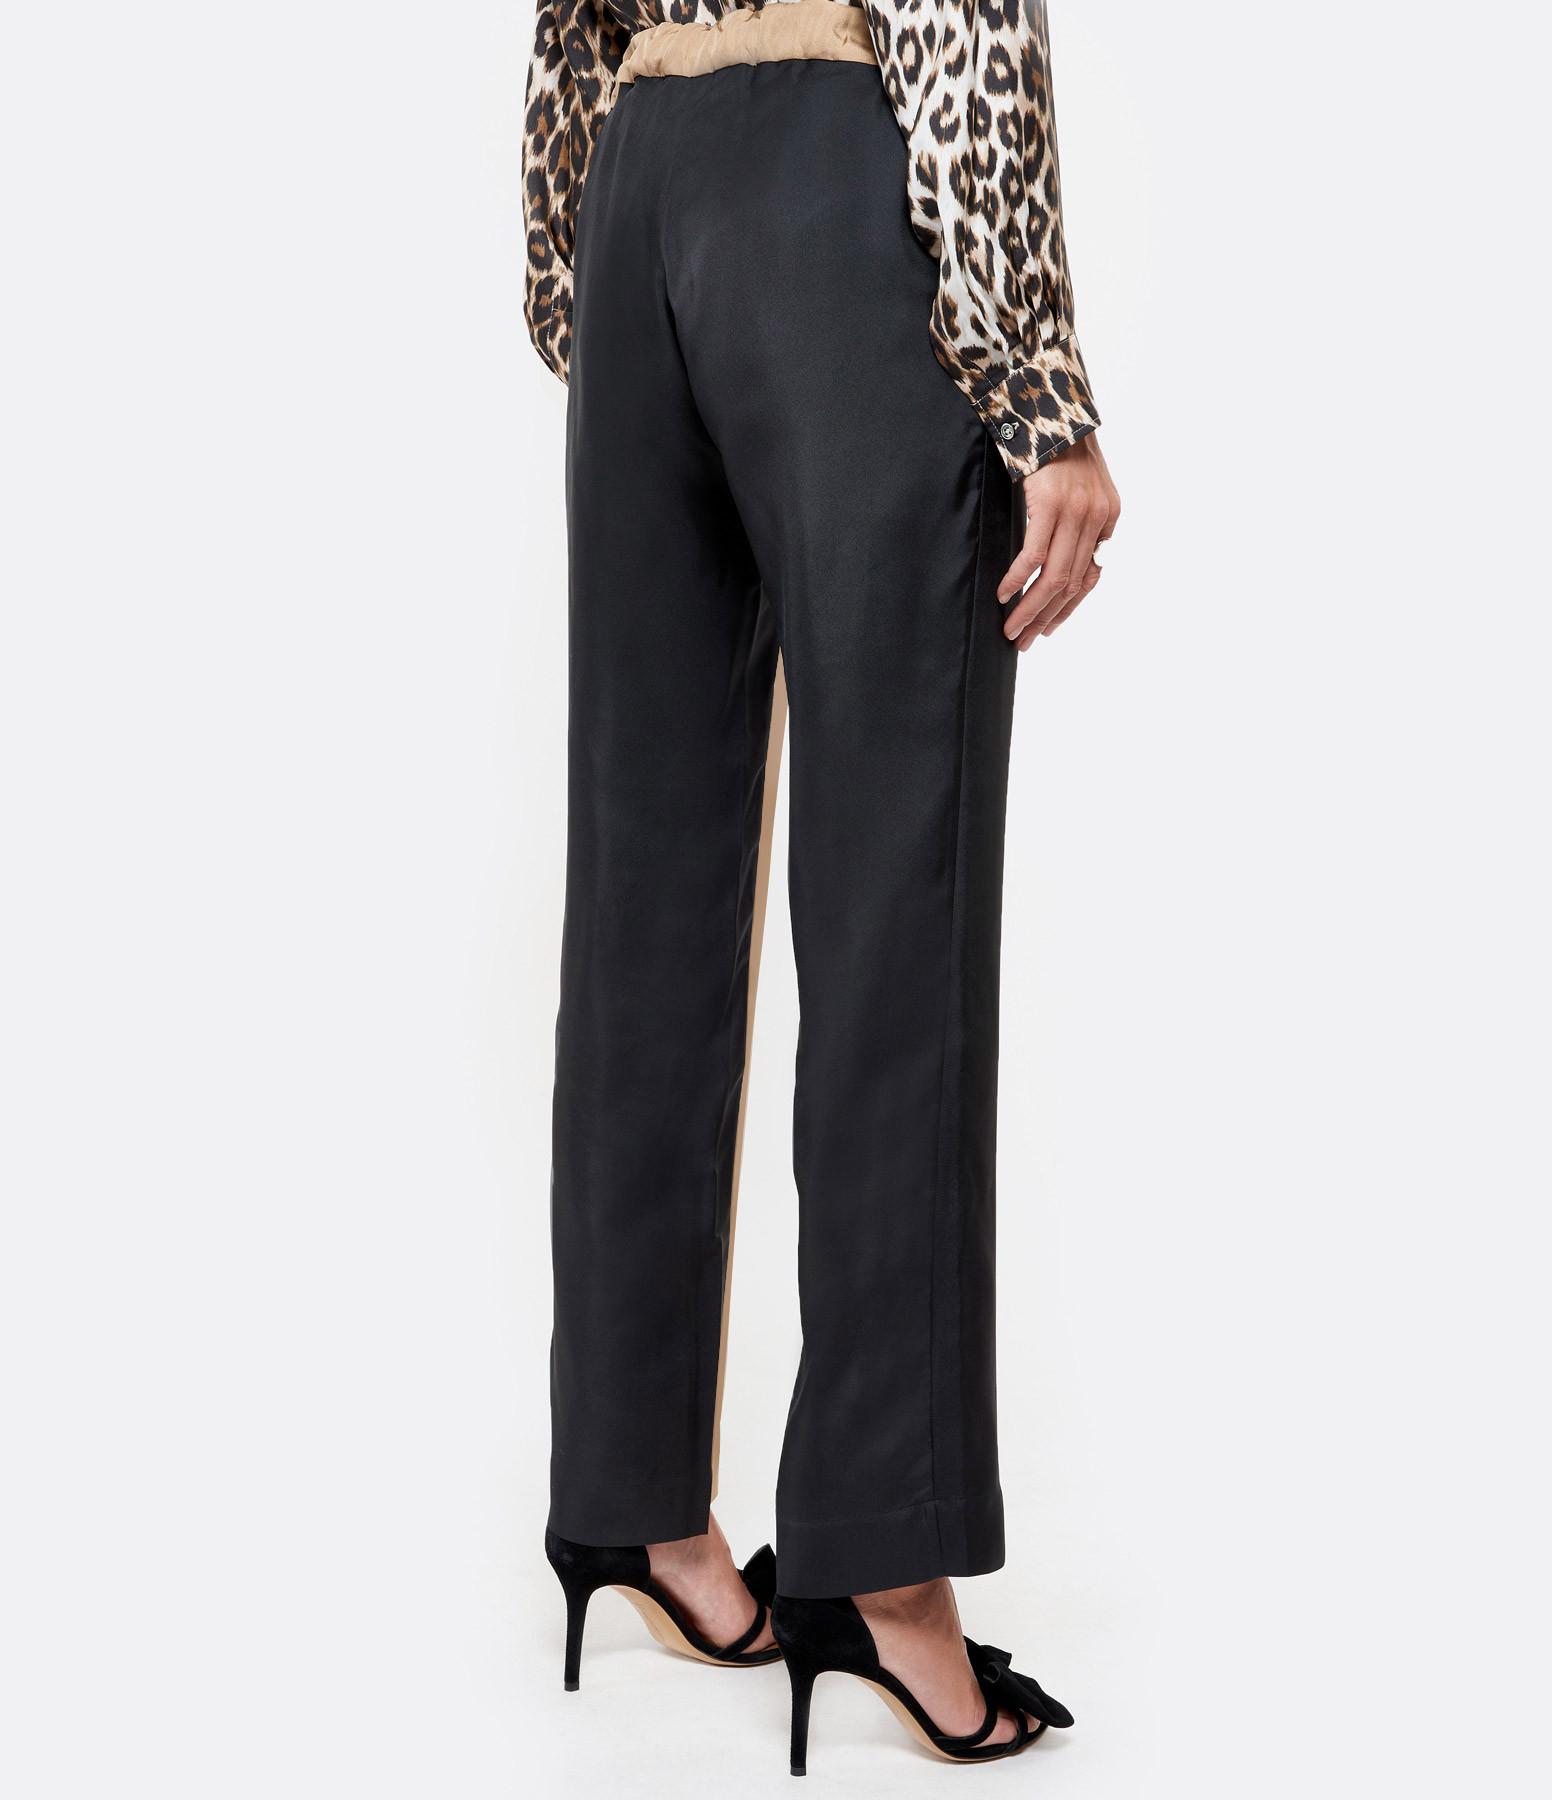 LA PRESTIC OUISTON - Pantalon Lucky Soie Noir